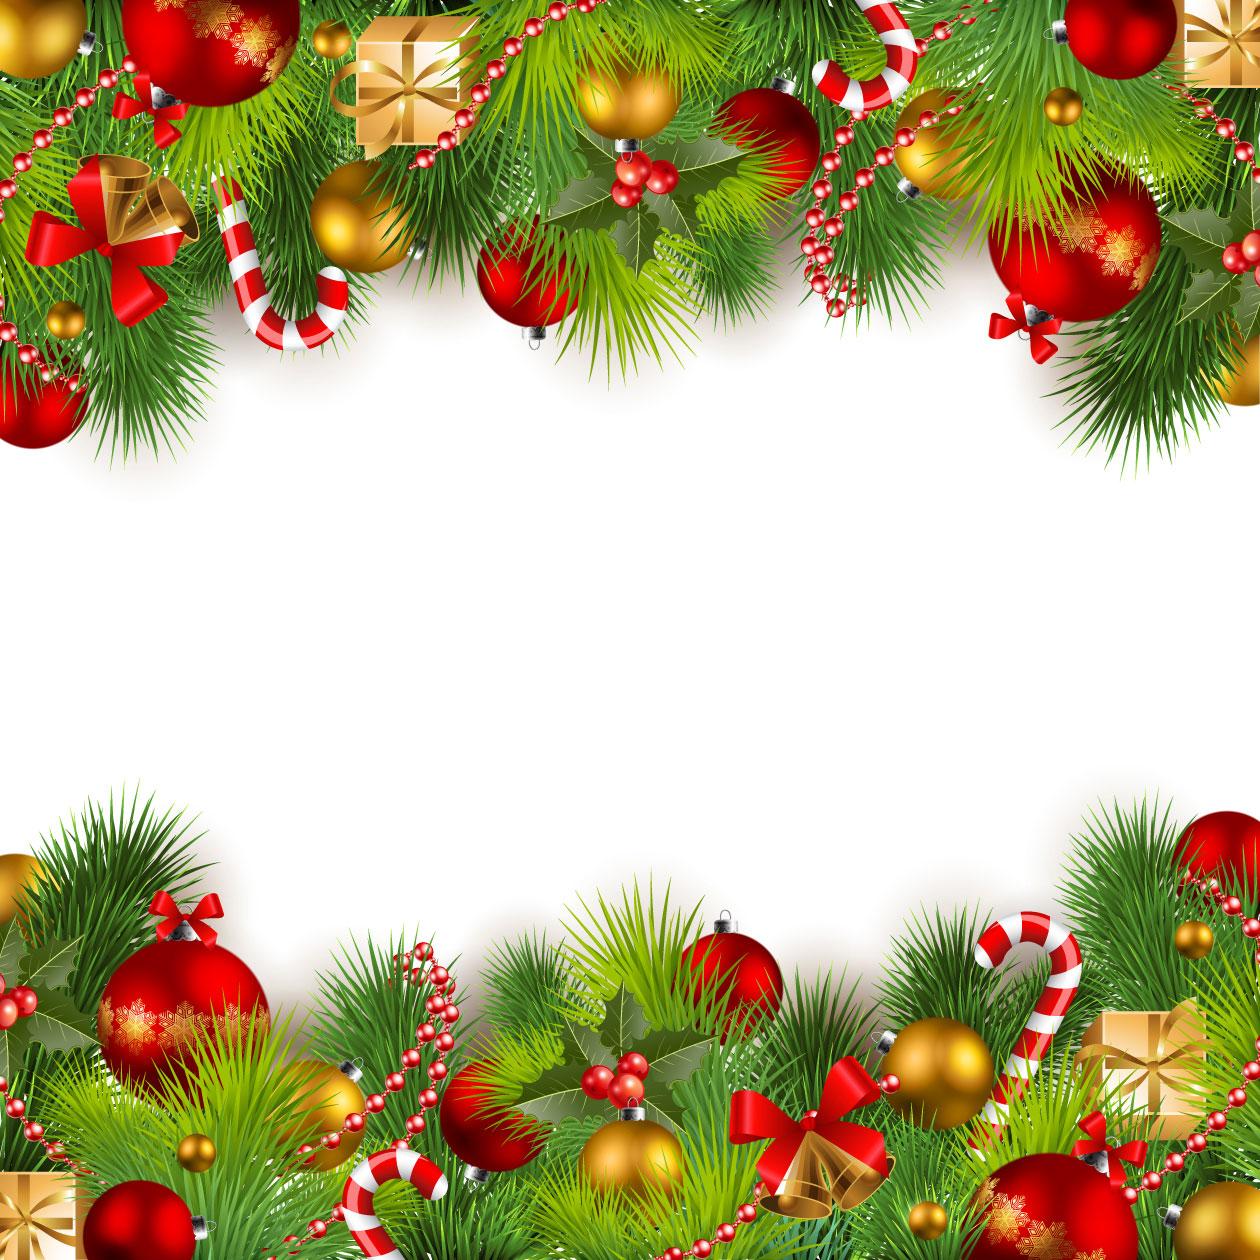 クリスマスのイラストno 226 壁紙 装飾フレーム 無料のフリー素材集 花鳥風月